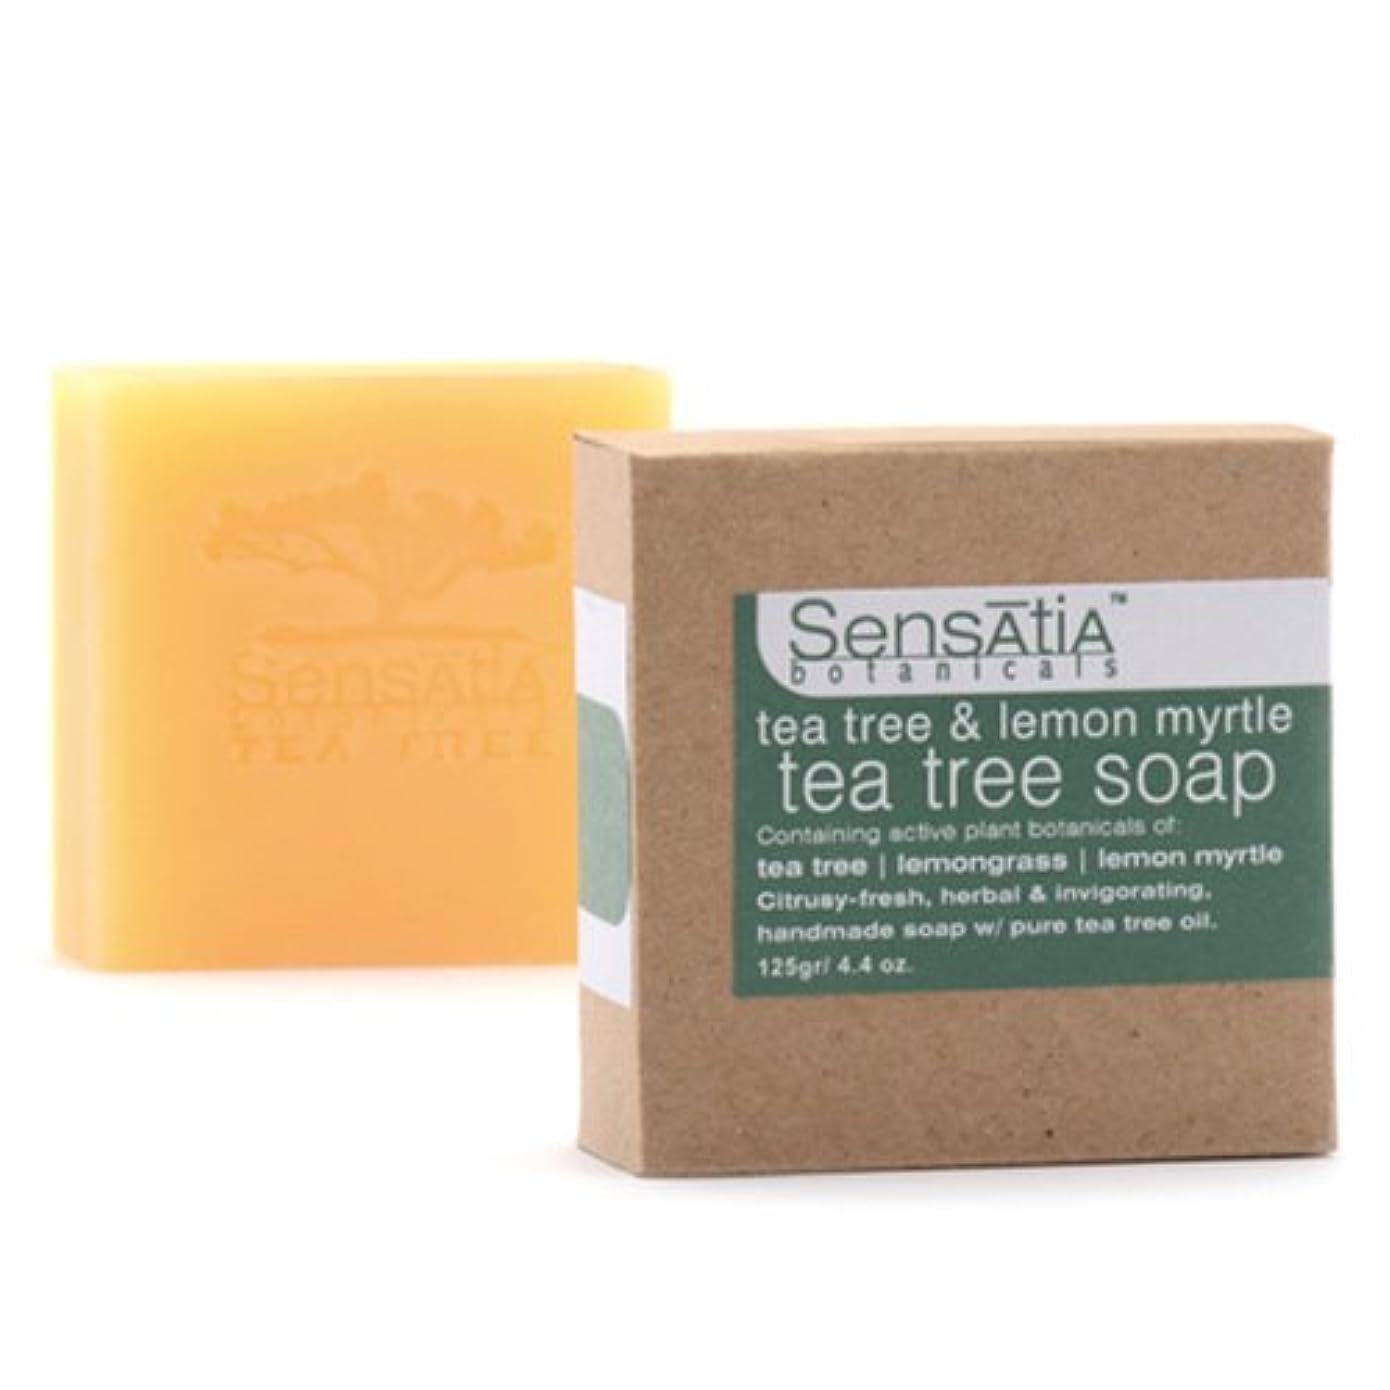 おもしろい抗生物質生き残りますSensatia(センセイシャ) ティーツリーソープ レモンマートル 125g